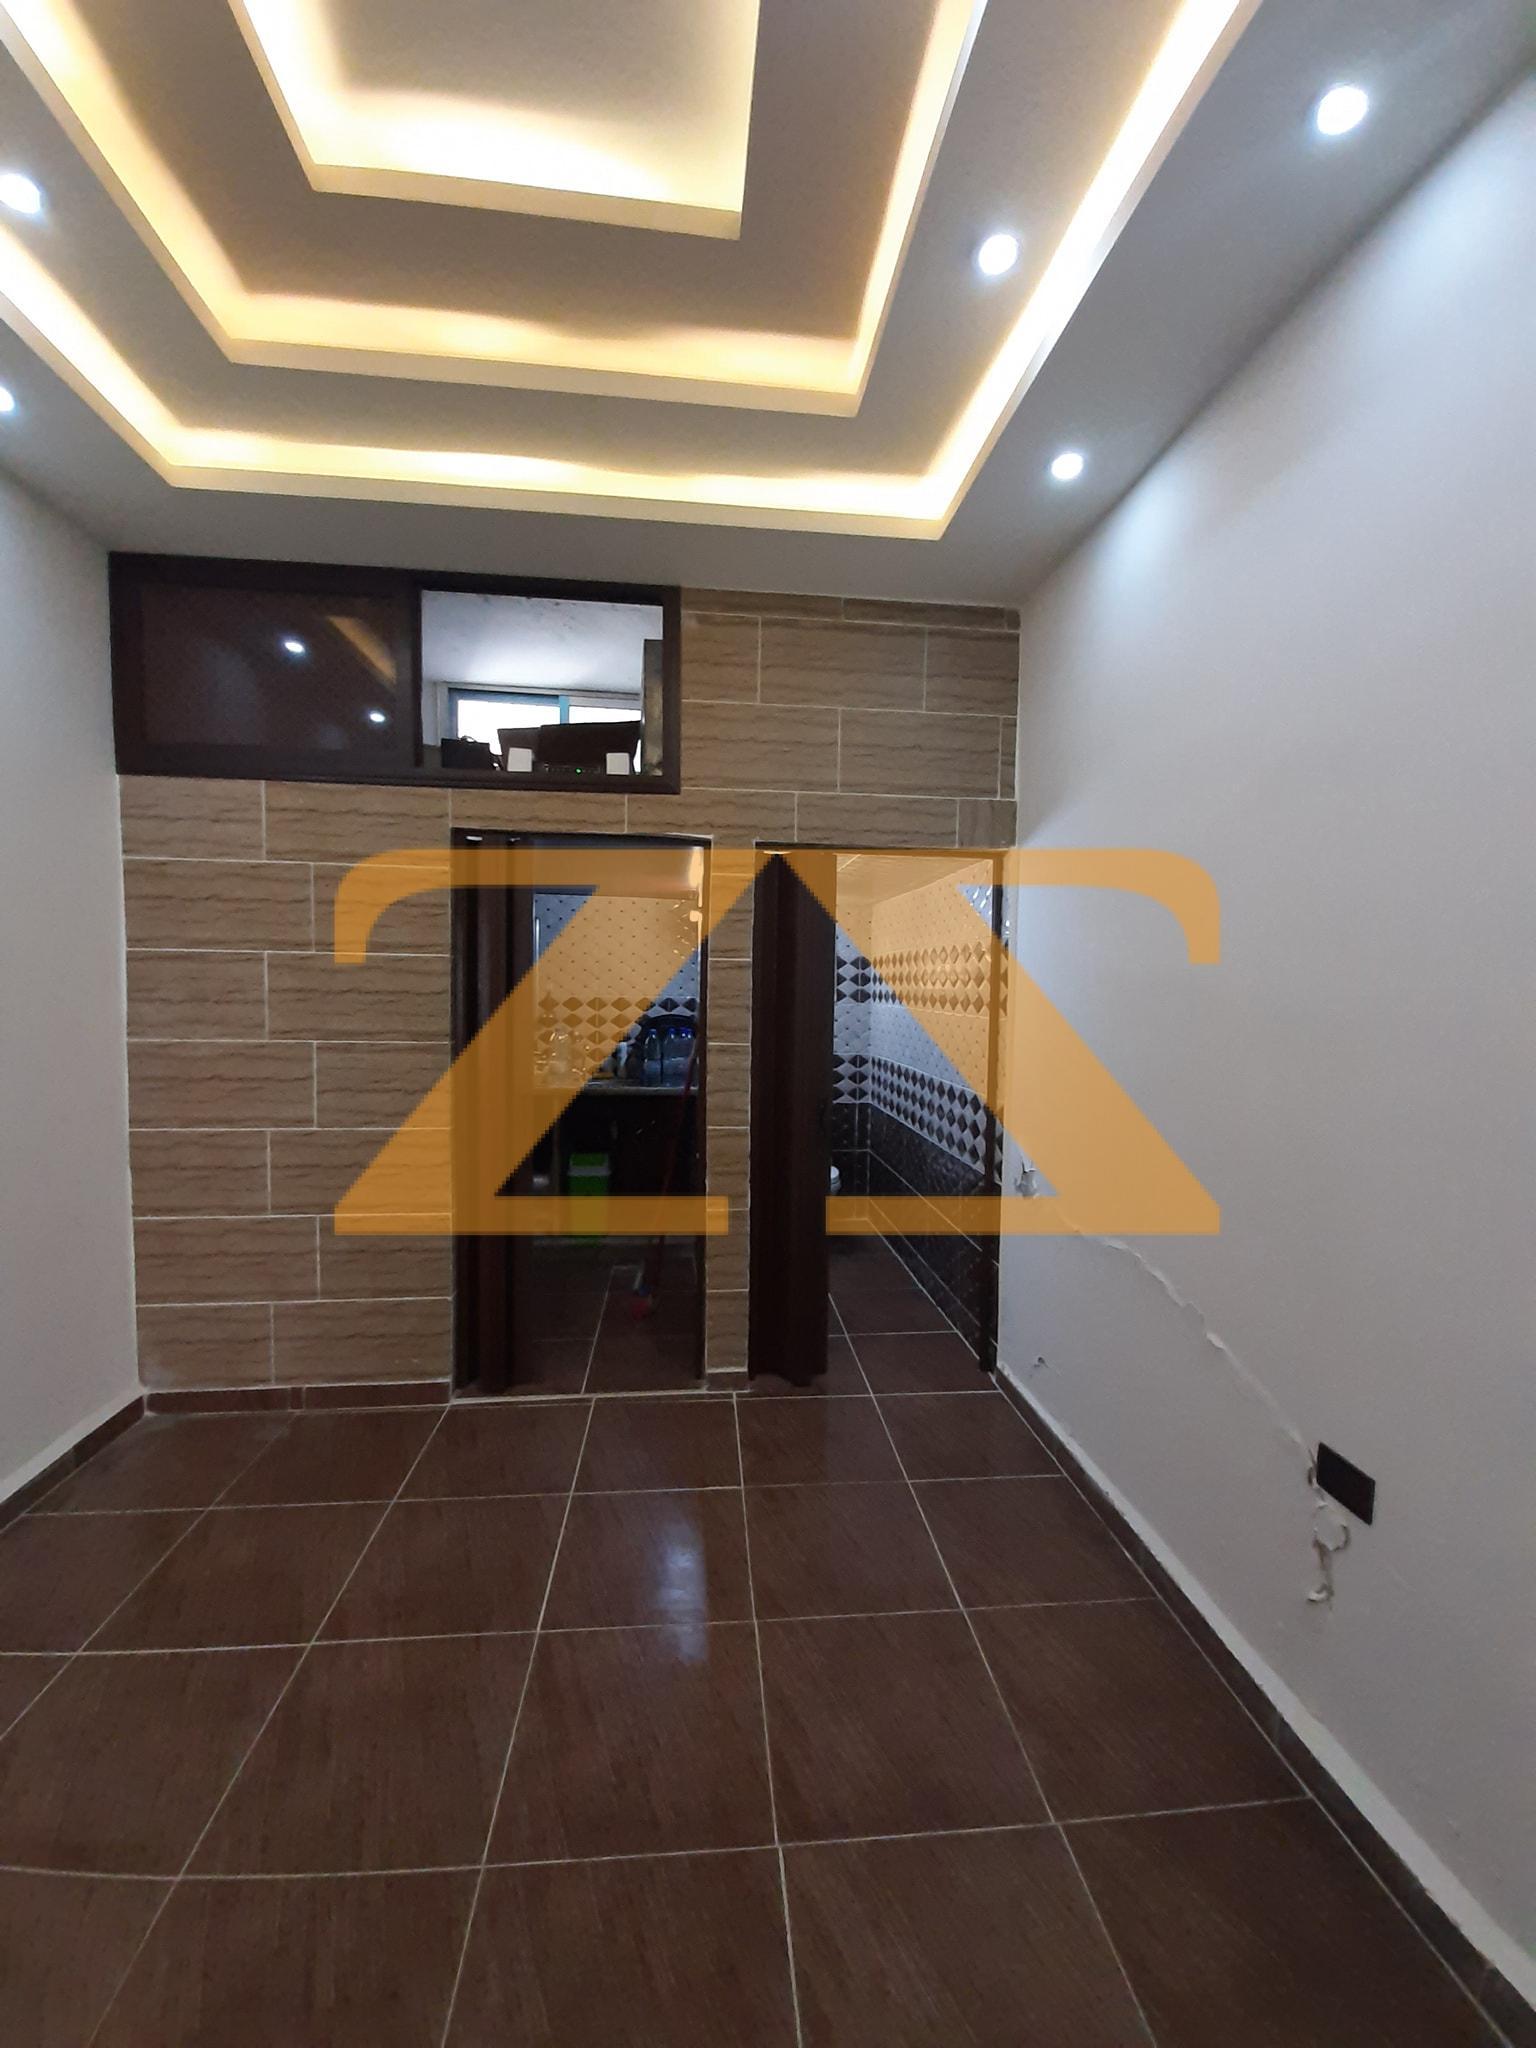 مكتب للبيع في اللاذقية